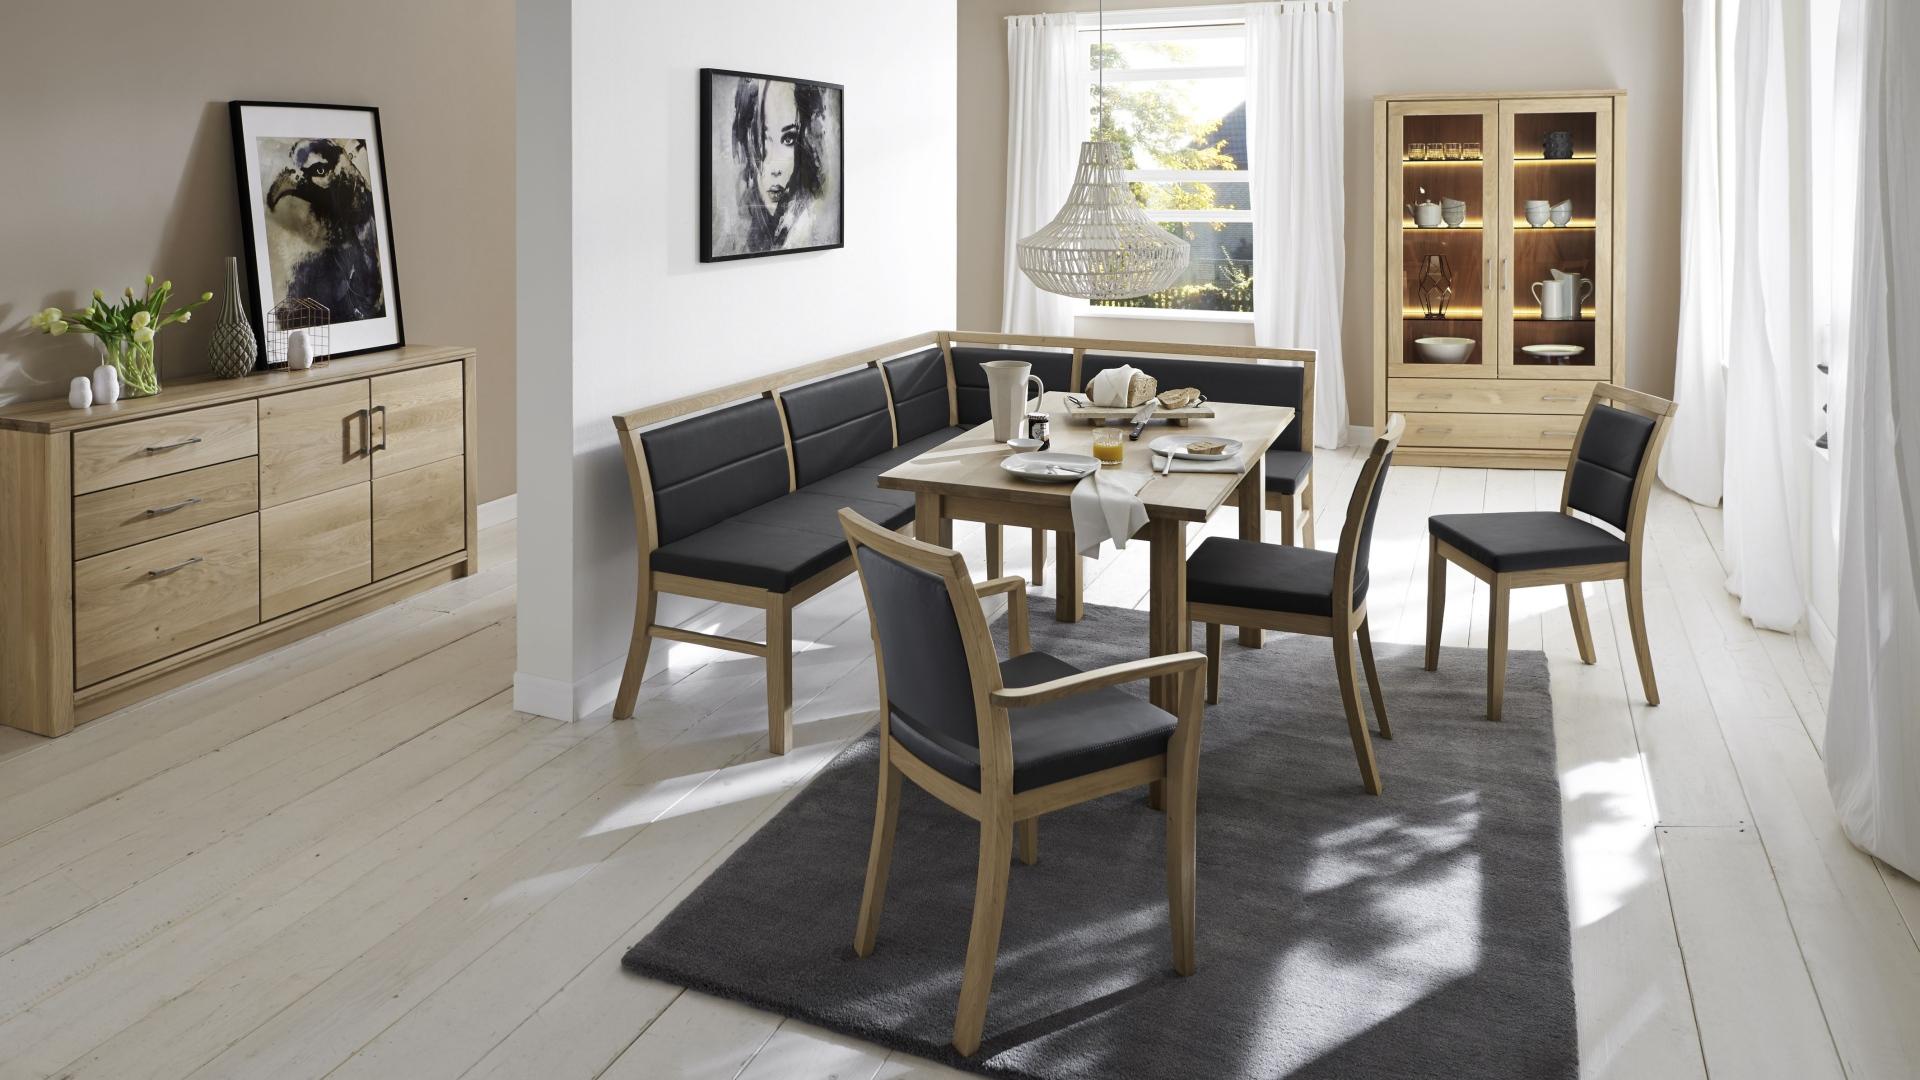 rk m bel gmbh home. Black Bedroom Furniture Sets. Home Design Ideas